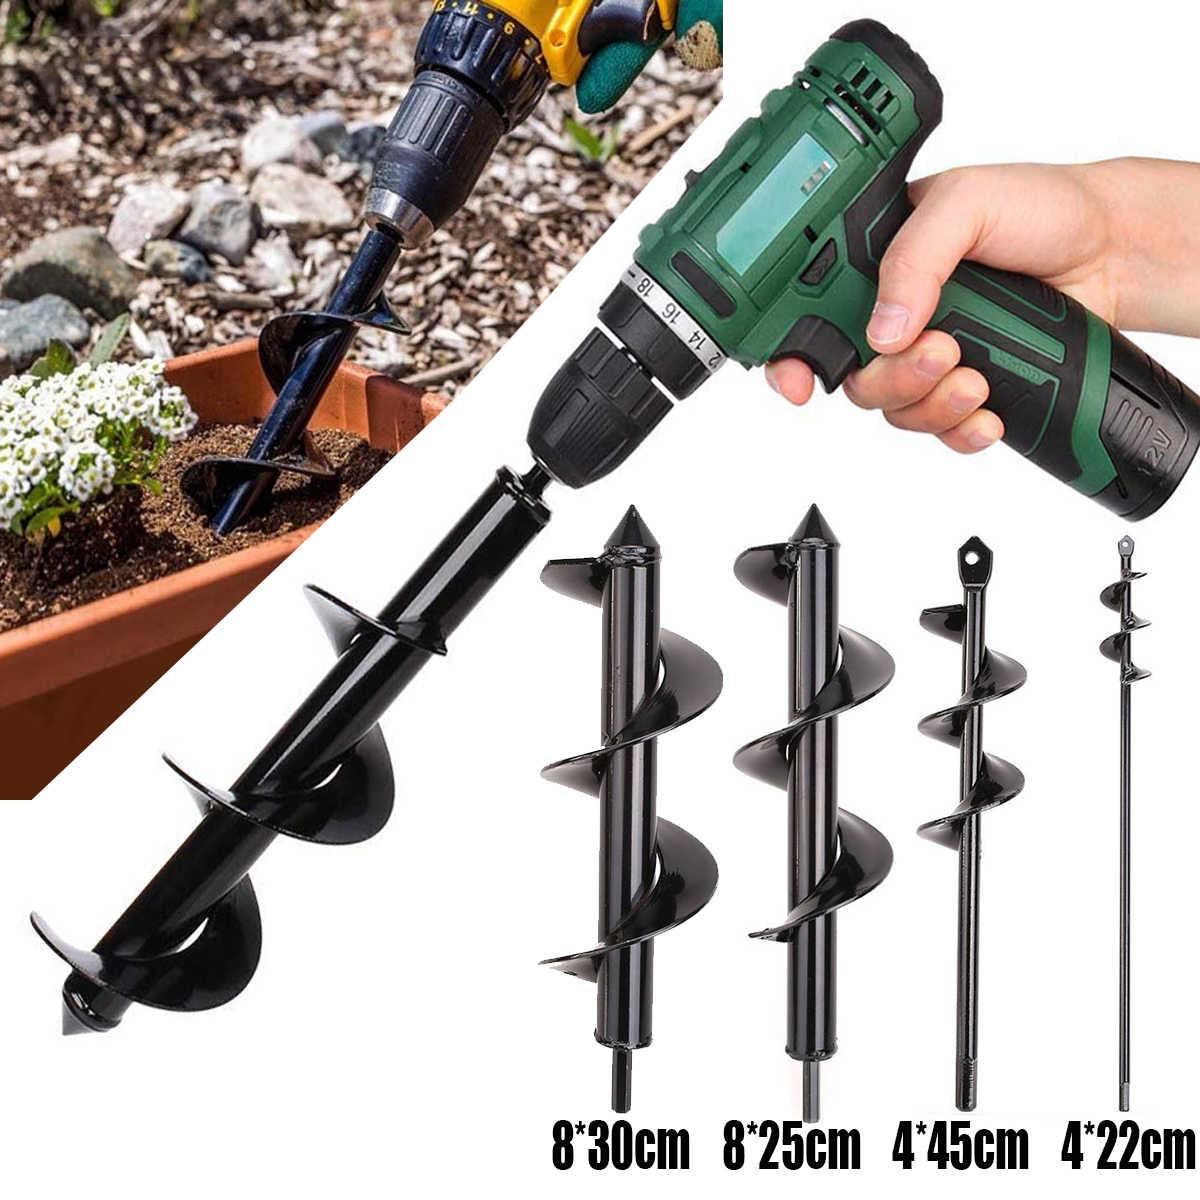 Garden Planter Auger Spiral Drill Bit Planting Spiral Hole Digger Yard Tool USA